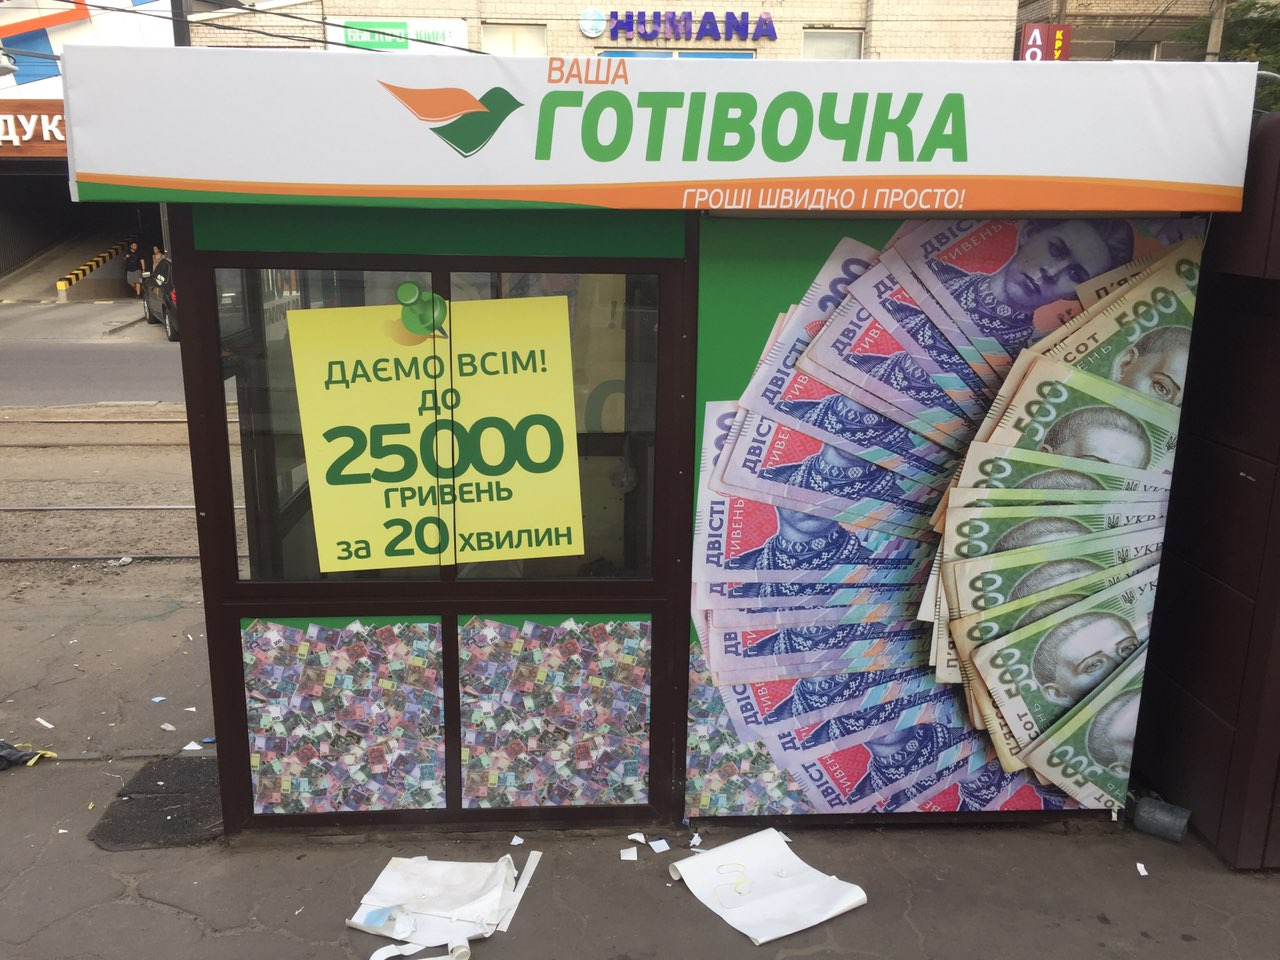 Фото Оформление витрин Харьков  3